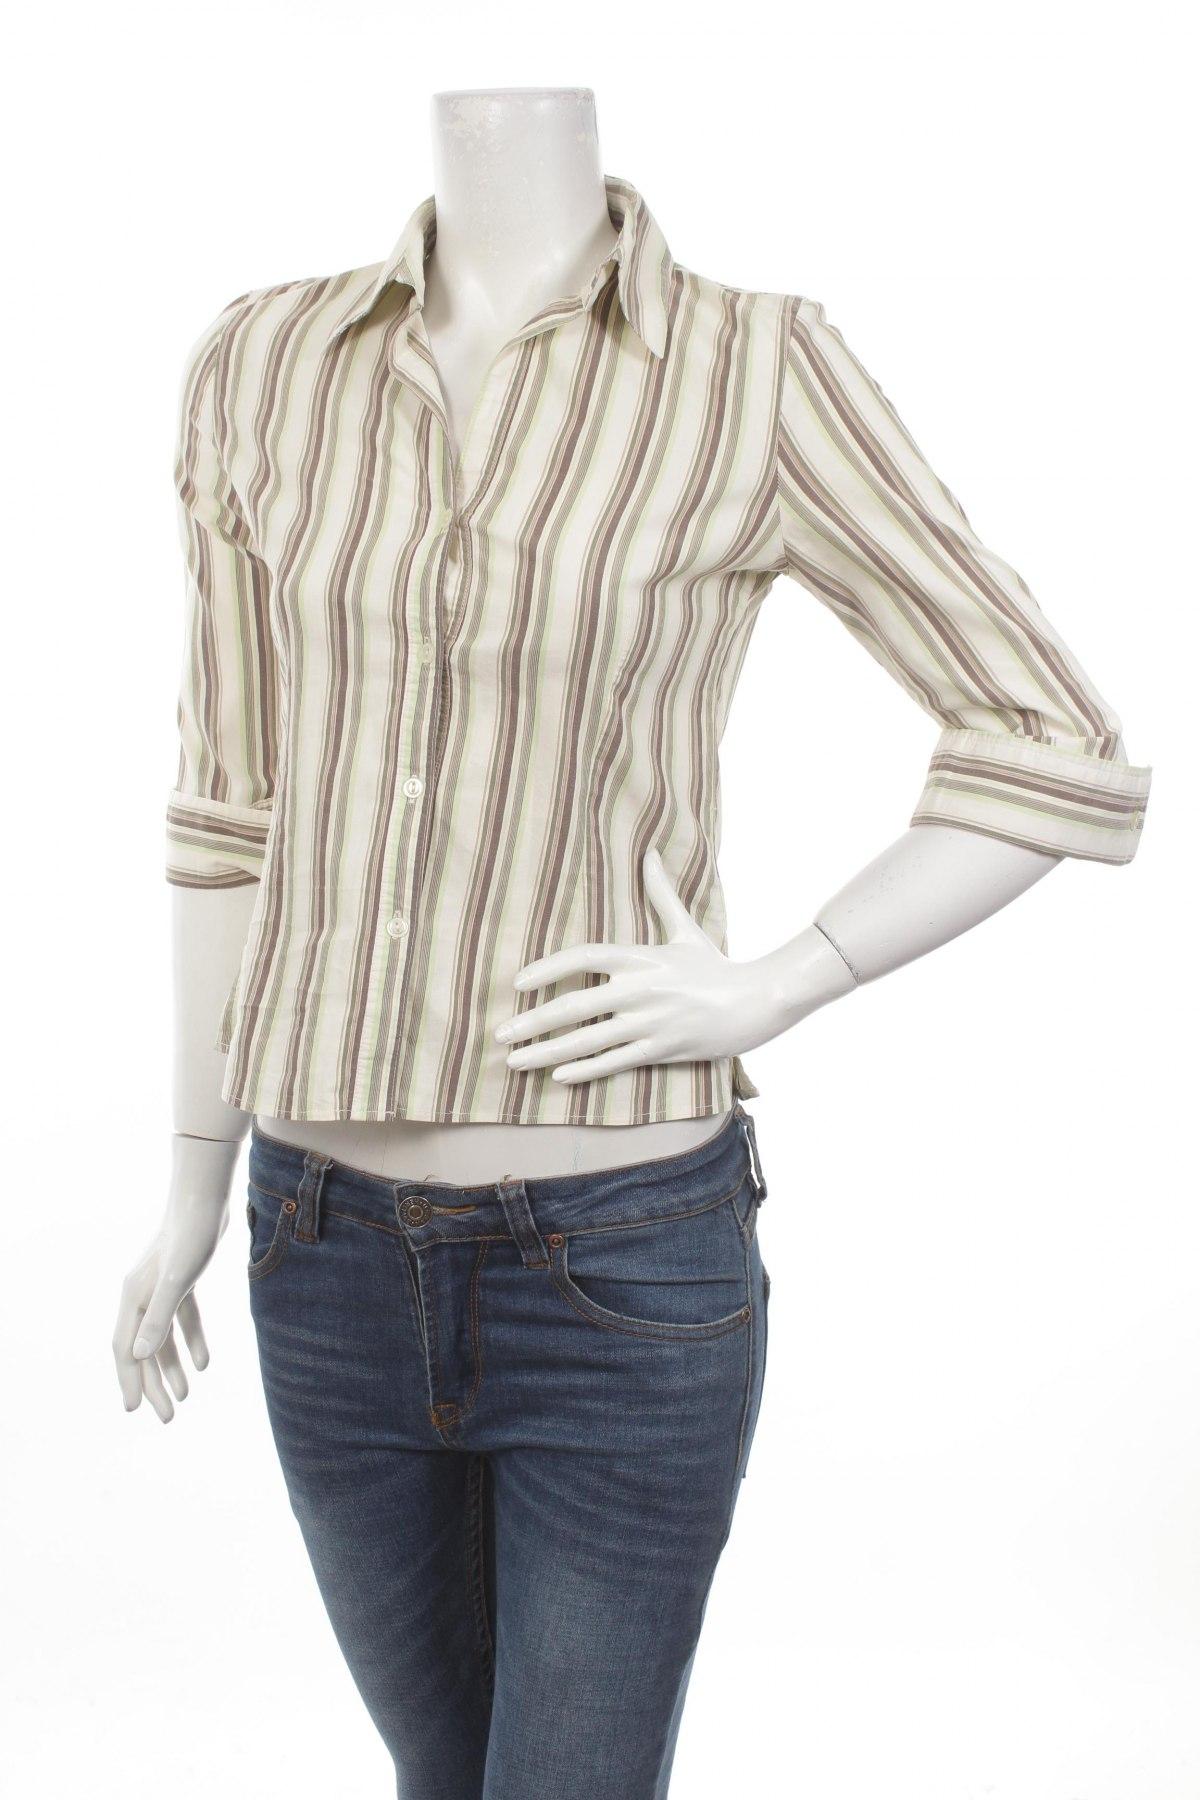 Γυναικείο πουκάμισο Clockhouse, Μέγεθος S, Χρώμα Πολύχρωμο, 67% βαμβάκι, 28% πολυεστέρας, 5% ελαστάνη, Τιμή 18,04€